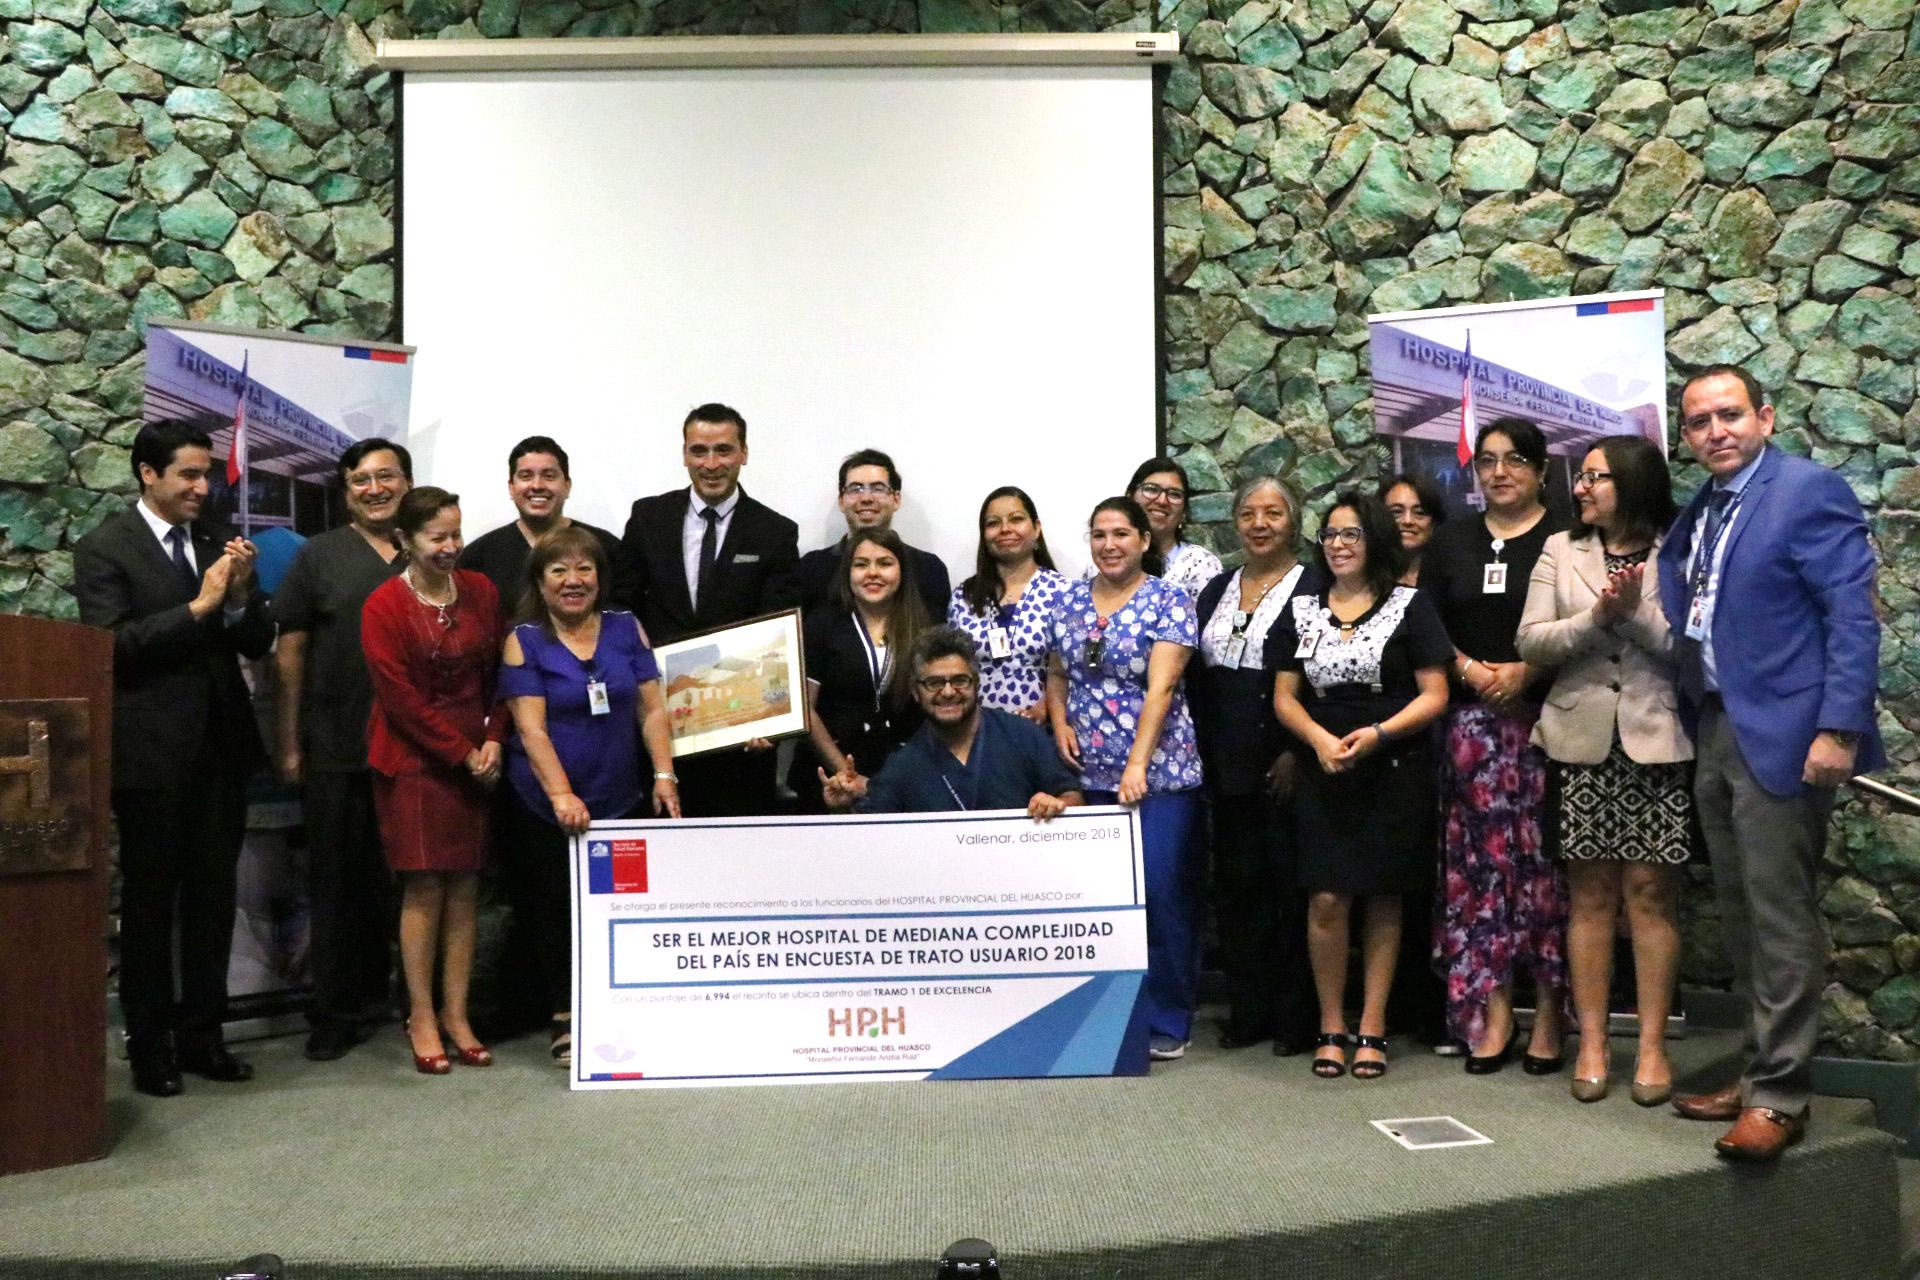 Entregan reconocimiento a Hospital Provincial del Huasco por ser recinto número 1 en Chile en atención de usuarios